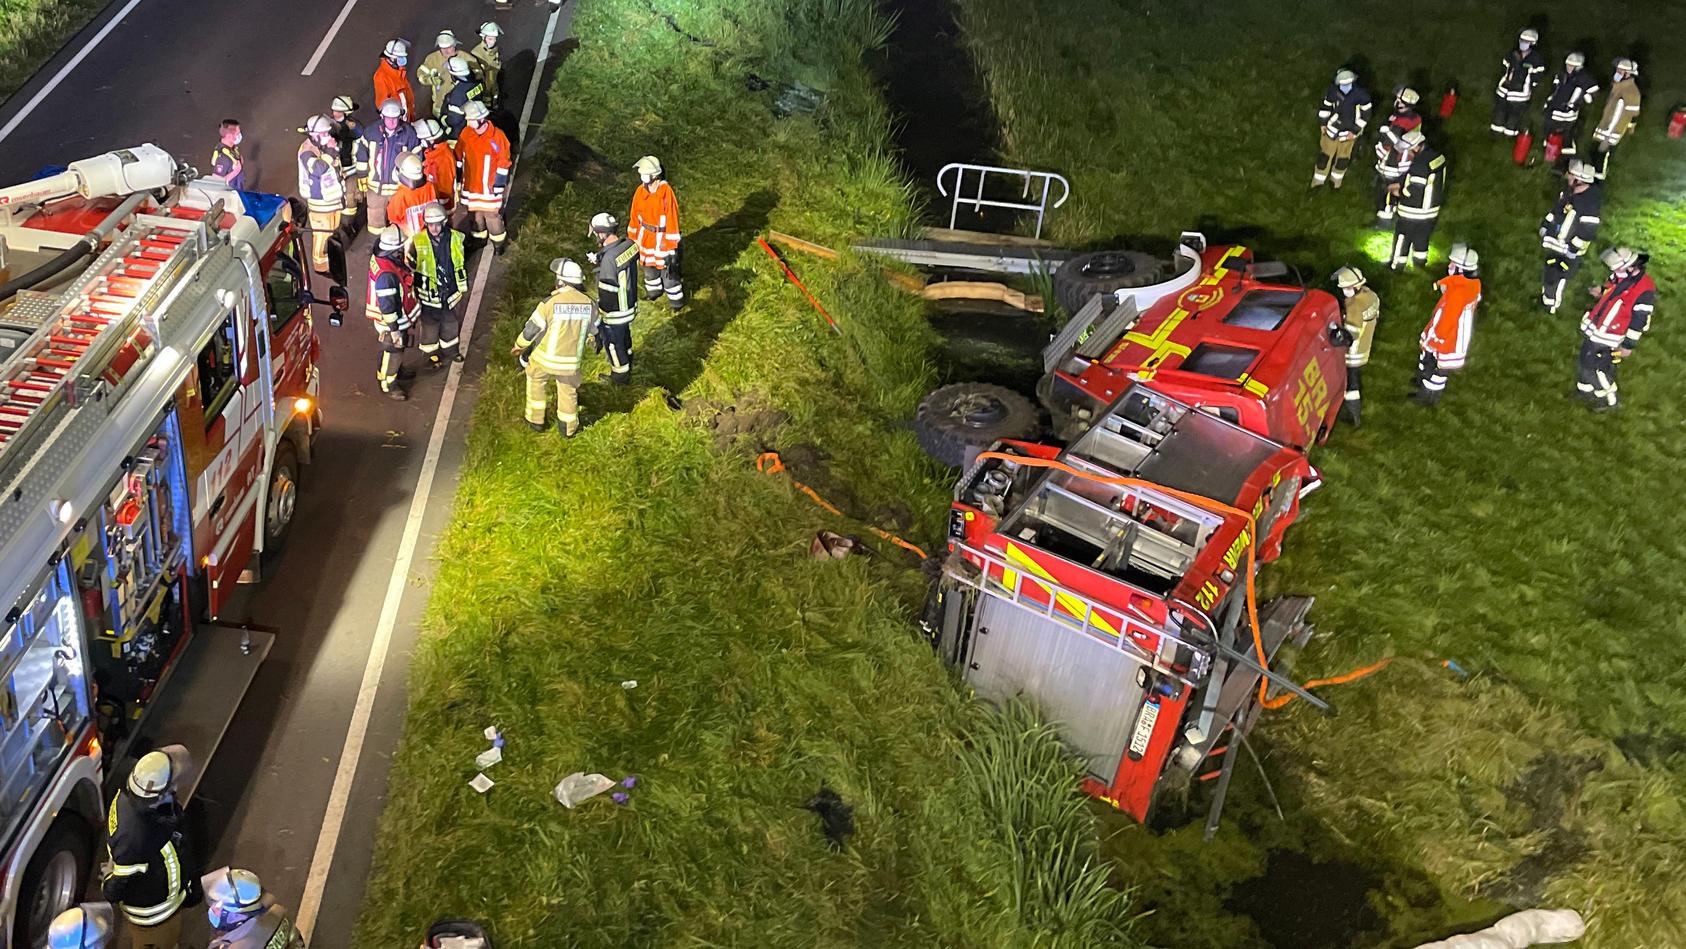 Das Feuerwehrfahrzeug landete schließlich in einem Graben.